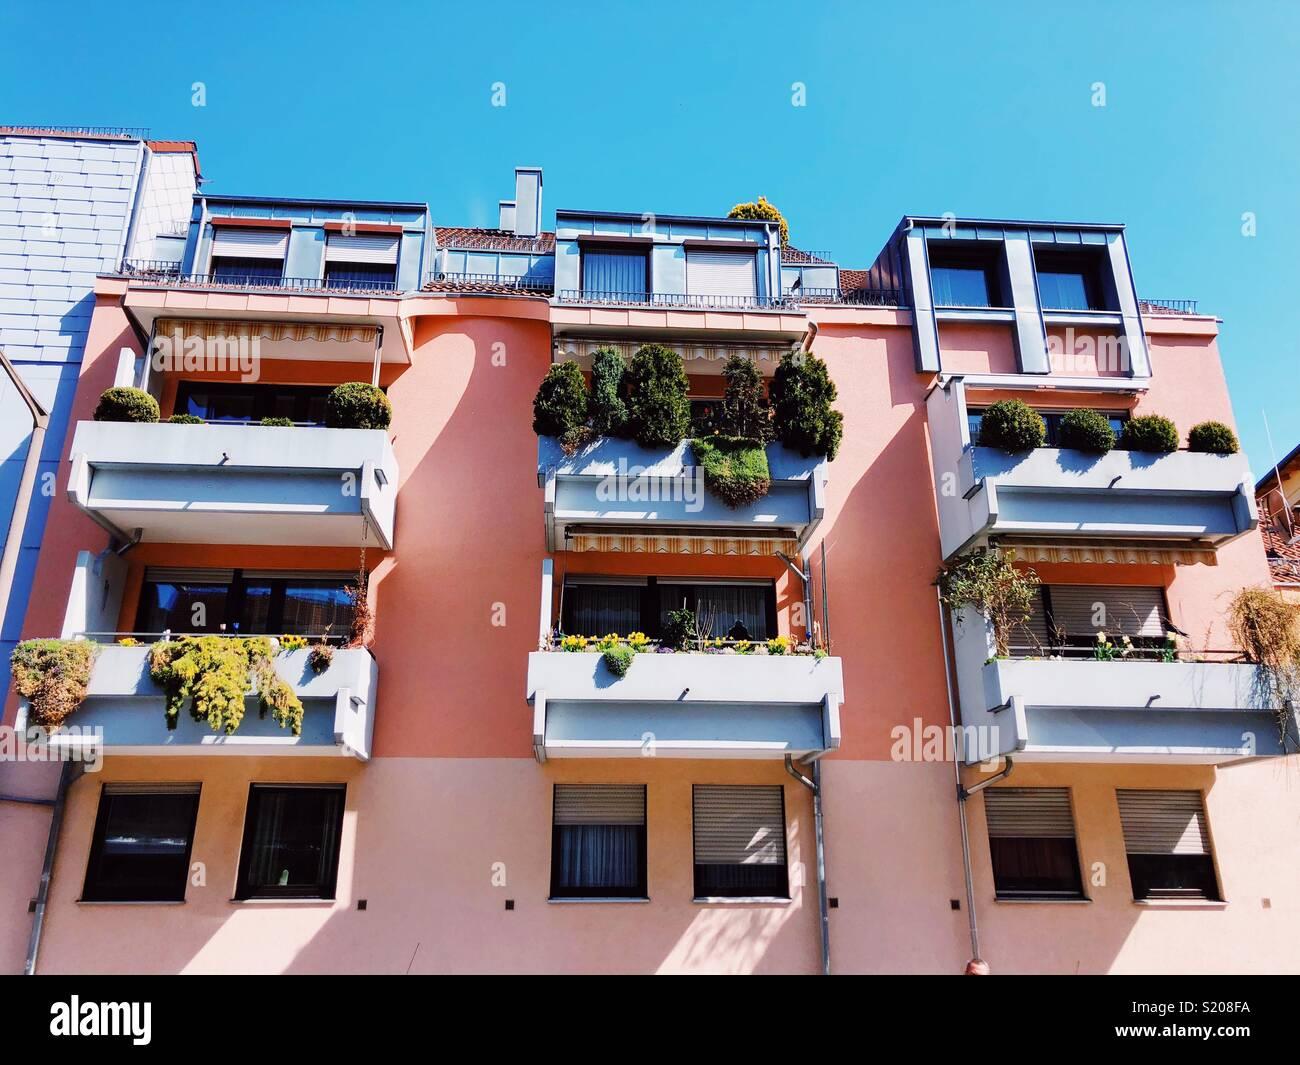 El muelle de la ciudad. Casas coloreadas con ollas de verde en el balcón Imagen De Stock